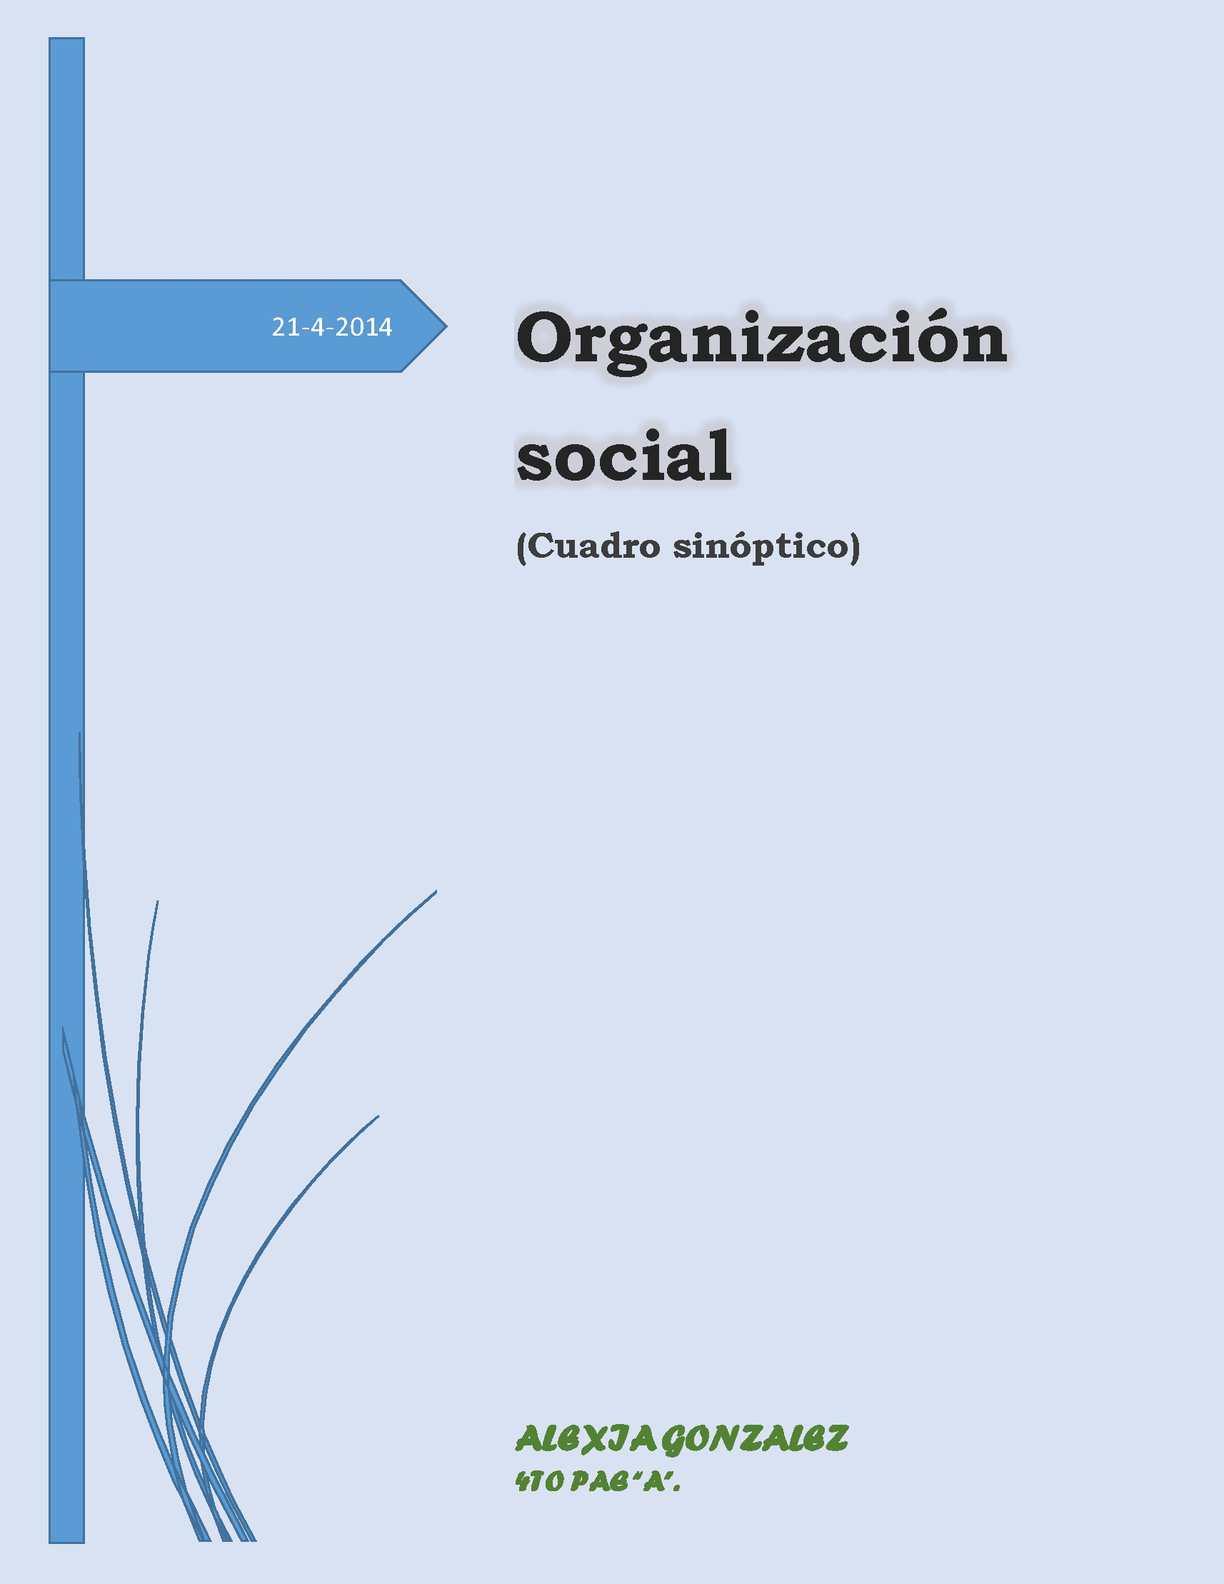 Calaméo Cuadro Sinoptico De La Organizacion Social